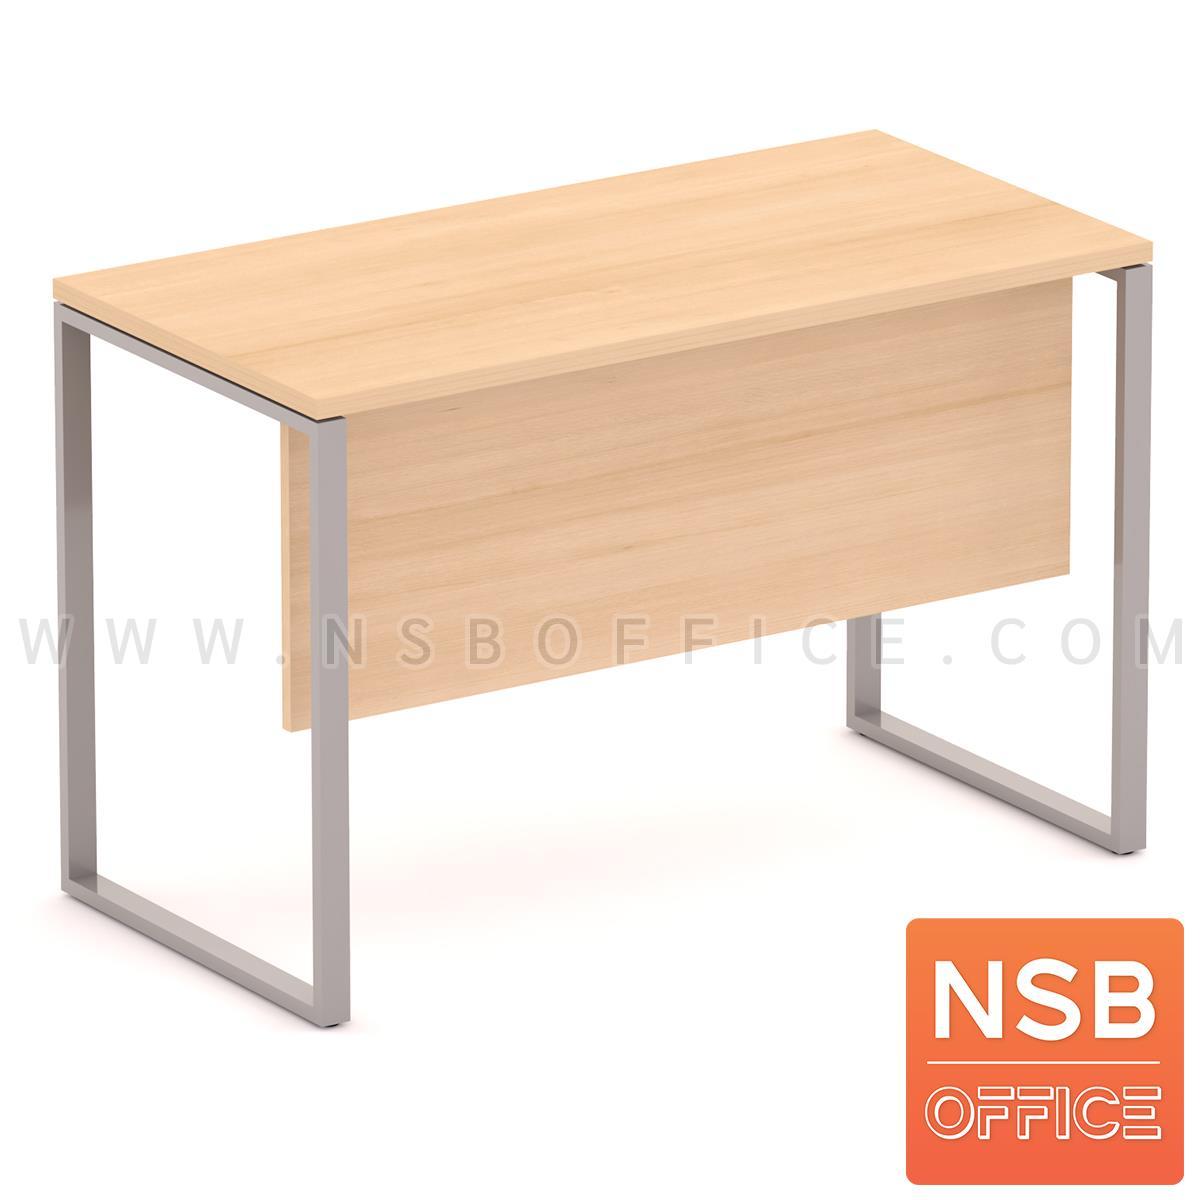 A41A001:โต๊ะทำงานขาเหล็ก รุ่น Miller (มิลเลอร์) ขนาด 80W ,120W ,135W, 150W ,160W ,180W cm.